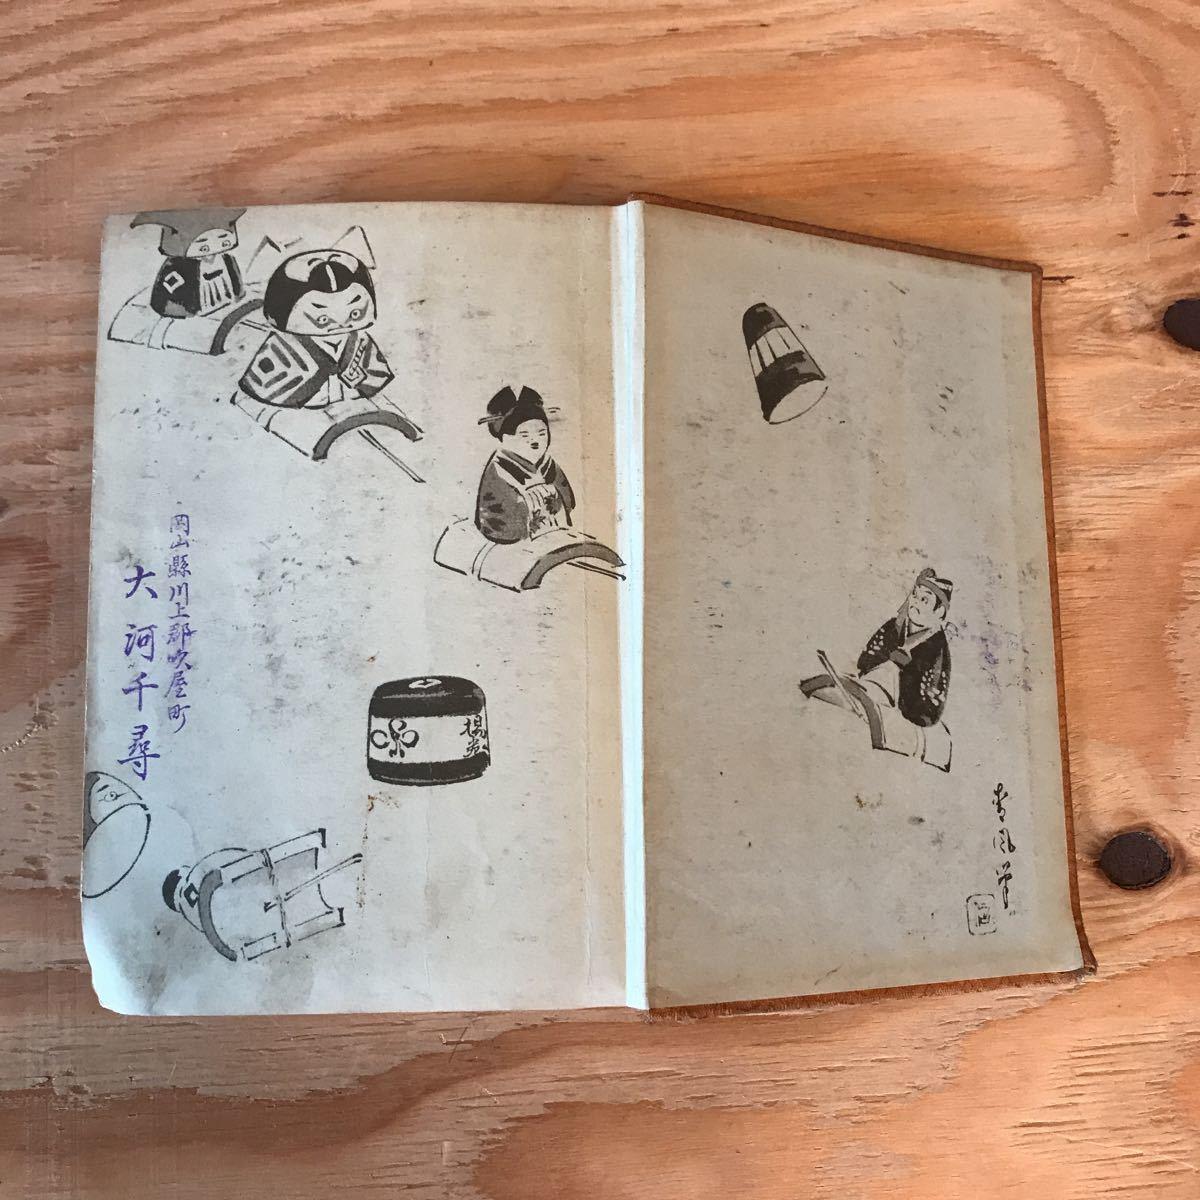 ◎えD-191128 レア[落語全集 中] 狂歌の餅 指南書 縁切榎_画像7